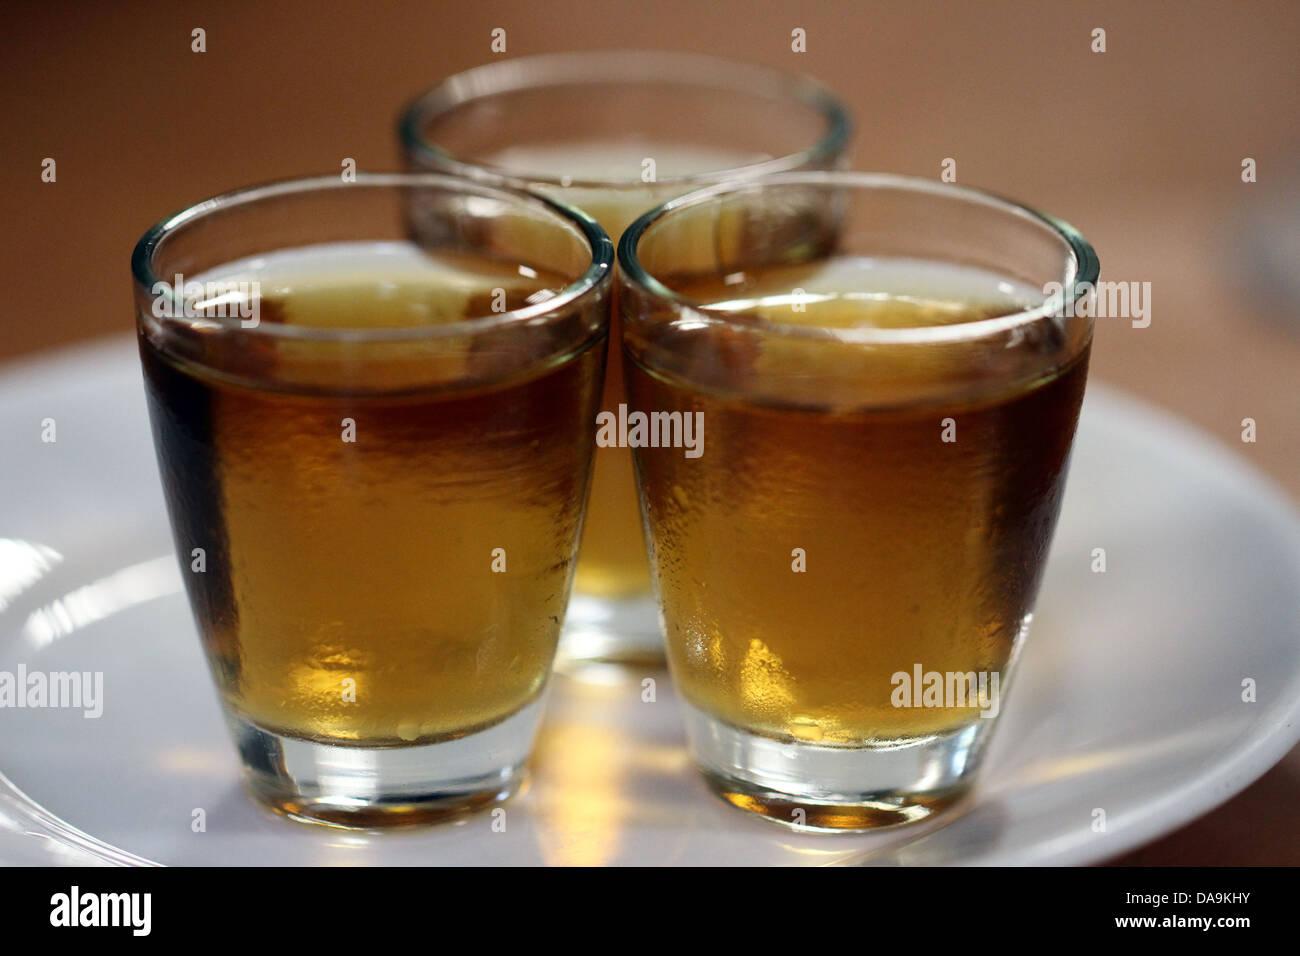 3 inyecciones de alcohol Imagen De Stock